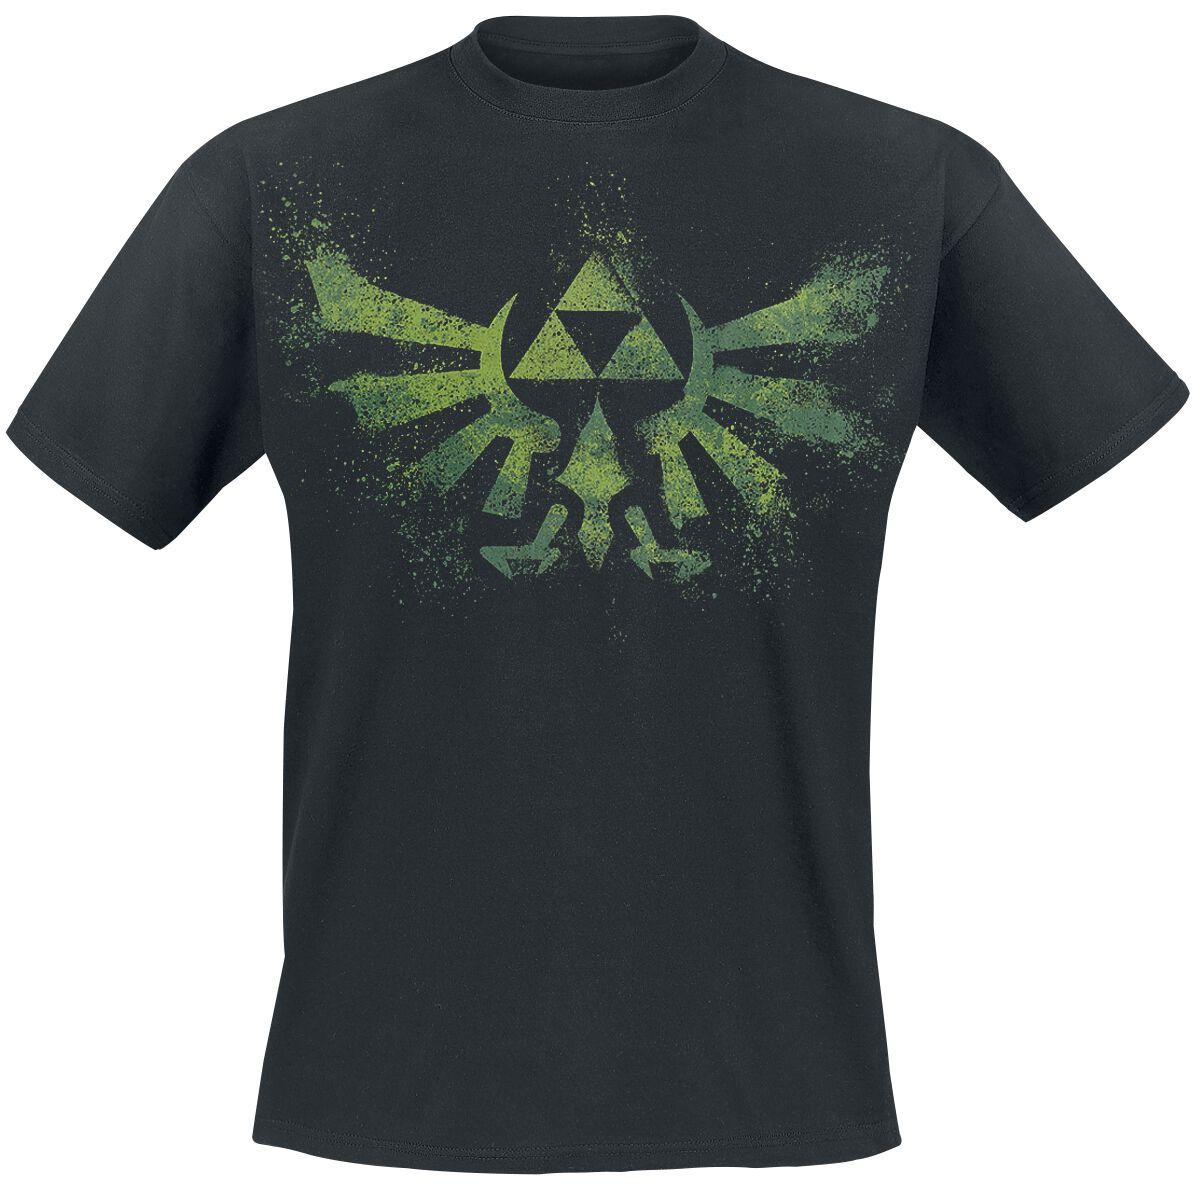 Image of   The Legend Of Zelda Crest Splatter T-Shirt sort